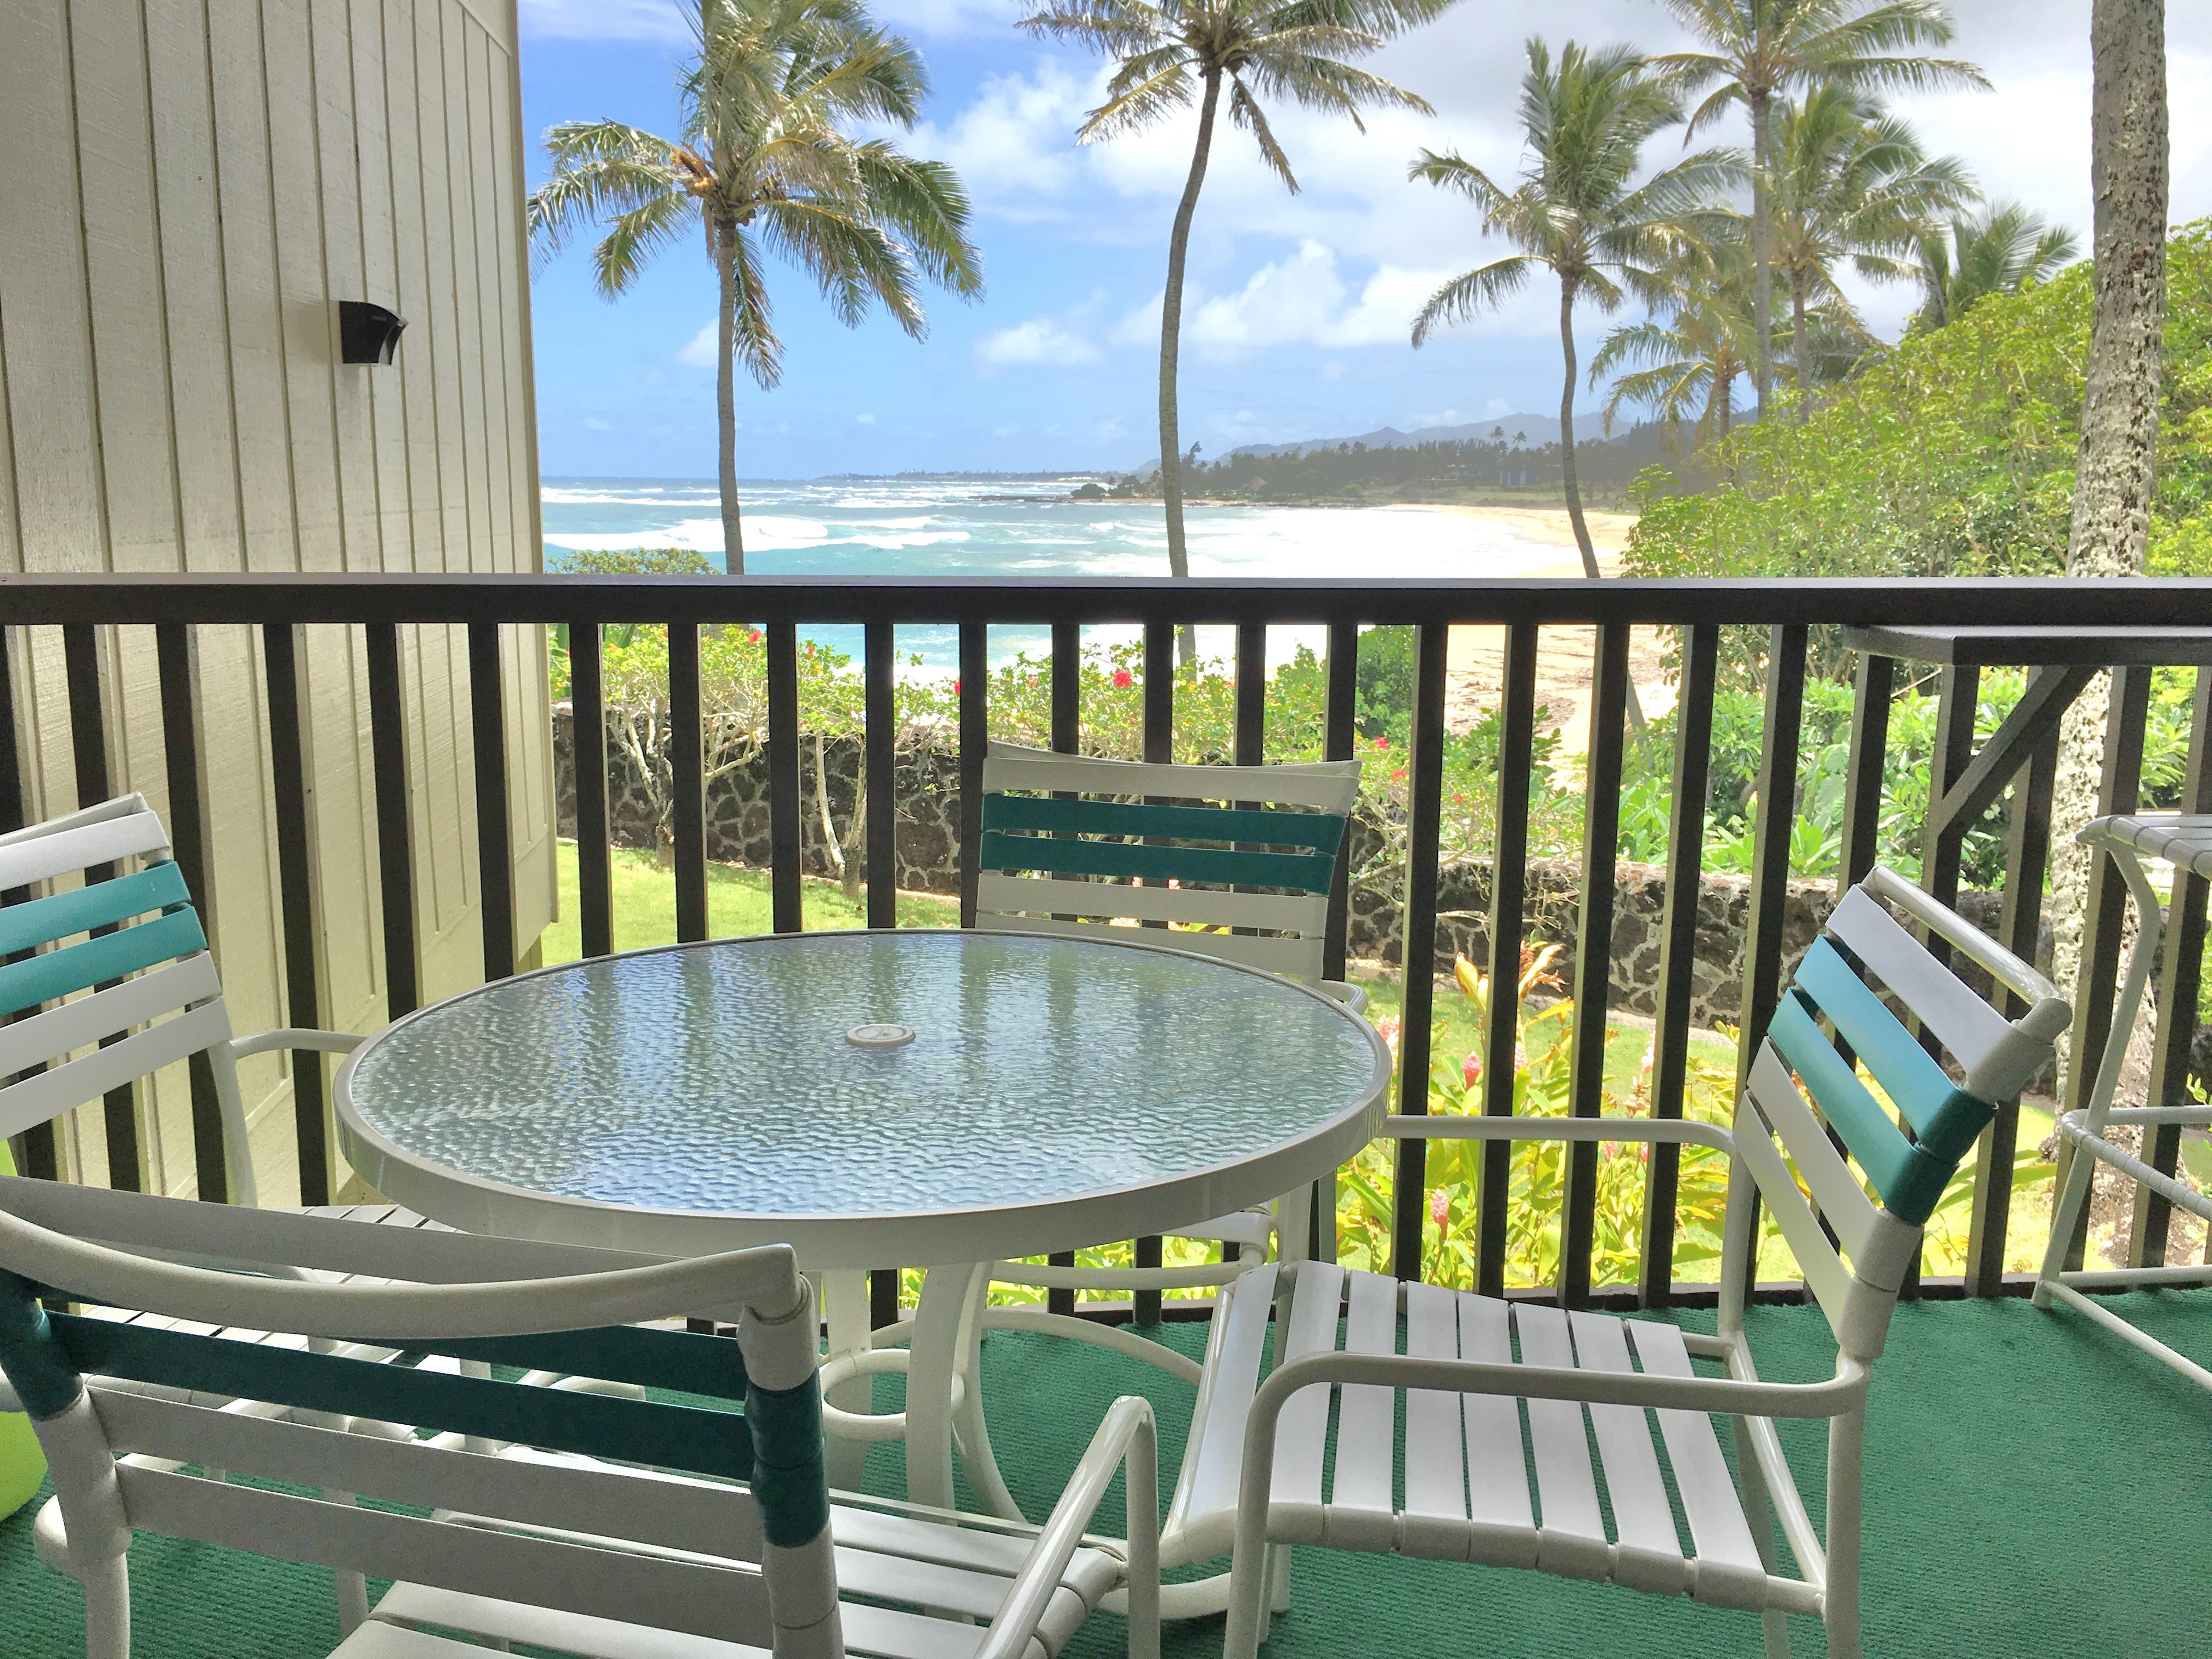 Ocean View from Wailua Bay View 103